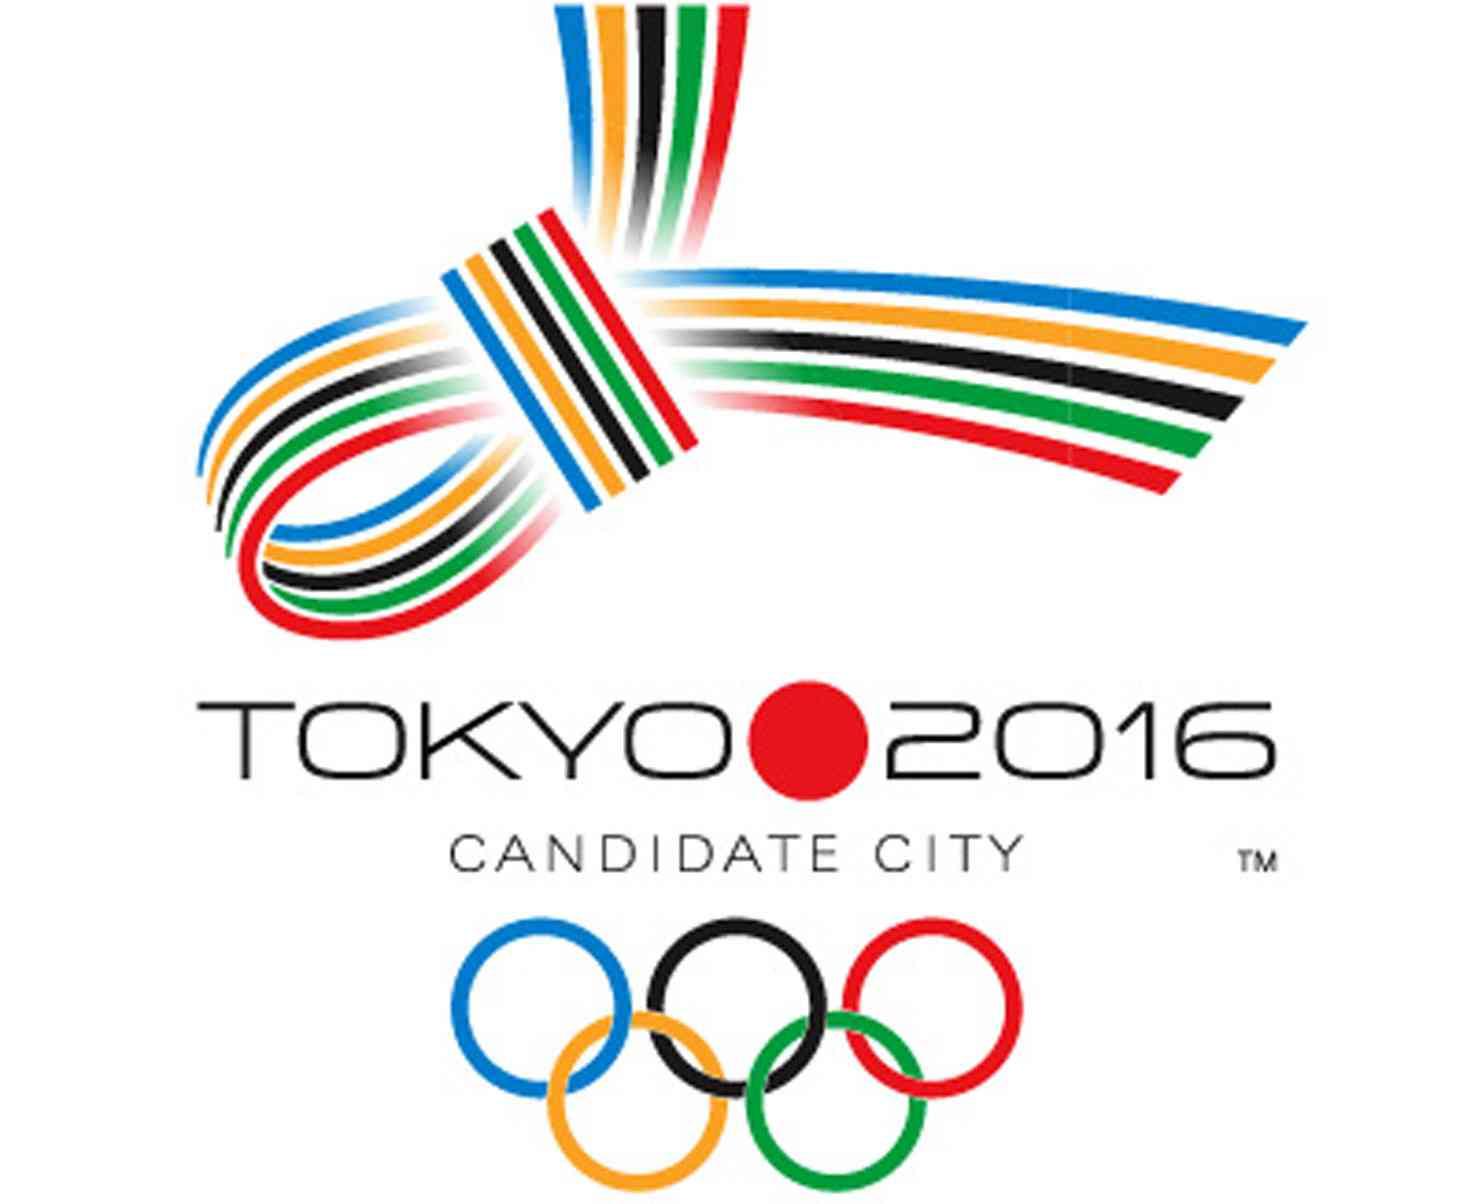 2020年夏季五輪で東京大改造!4000億円投入!「立候補ファイル」公表